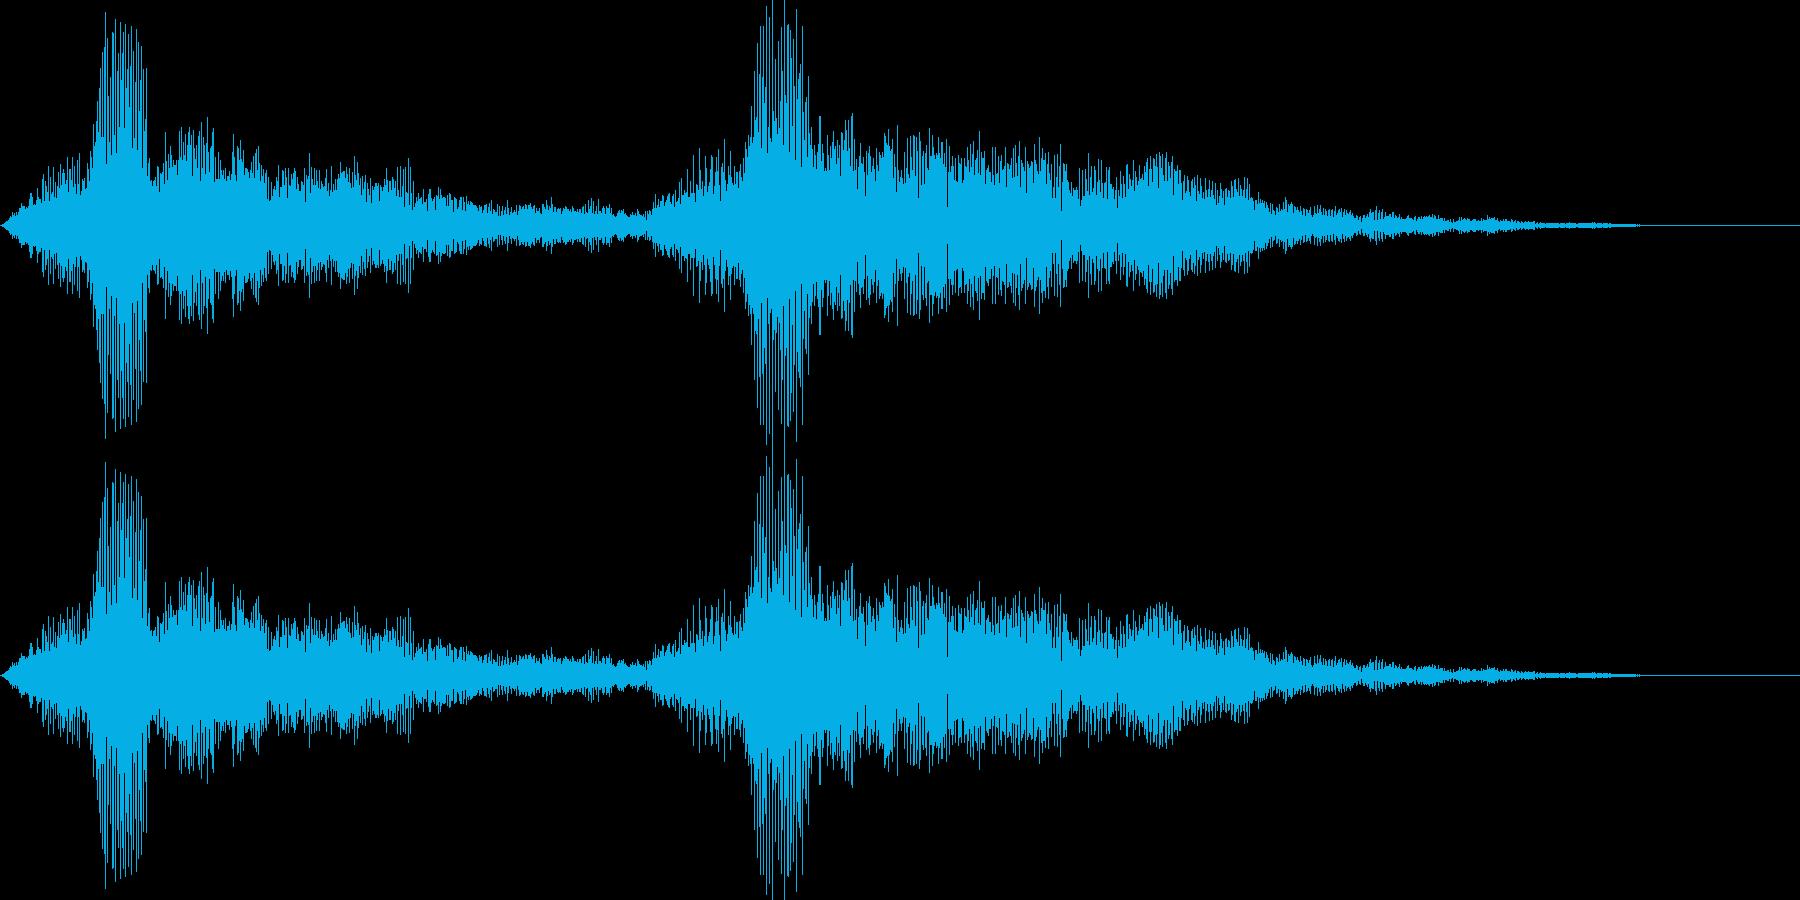 ローエンドボーカルドローンの再生済みの波形